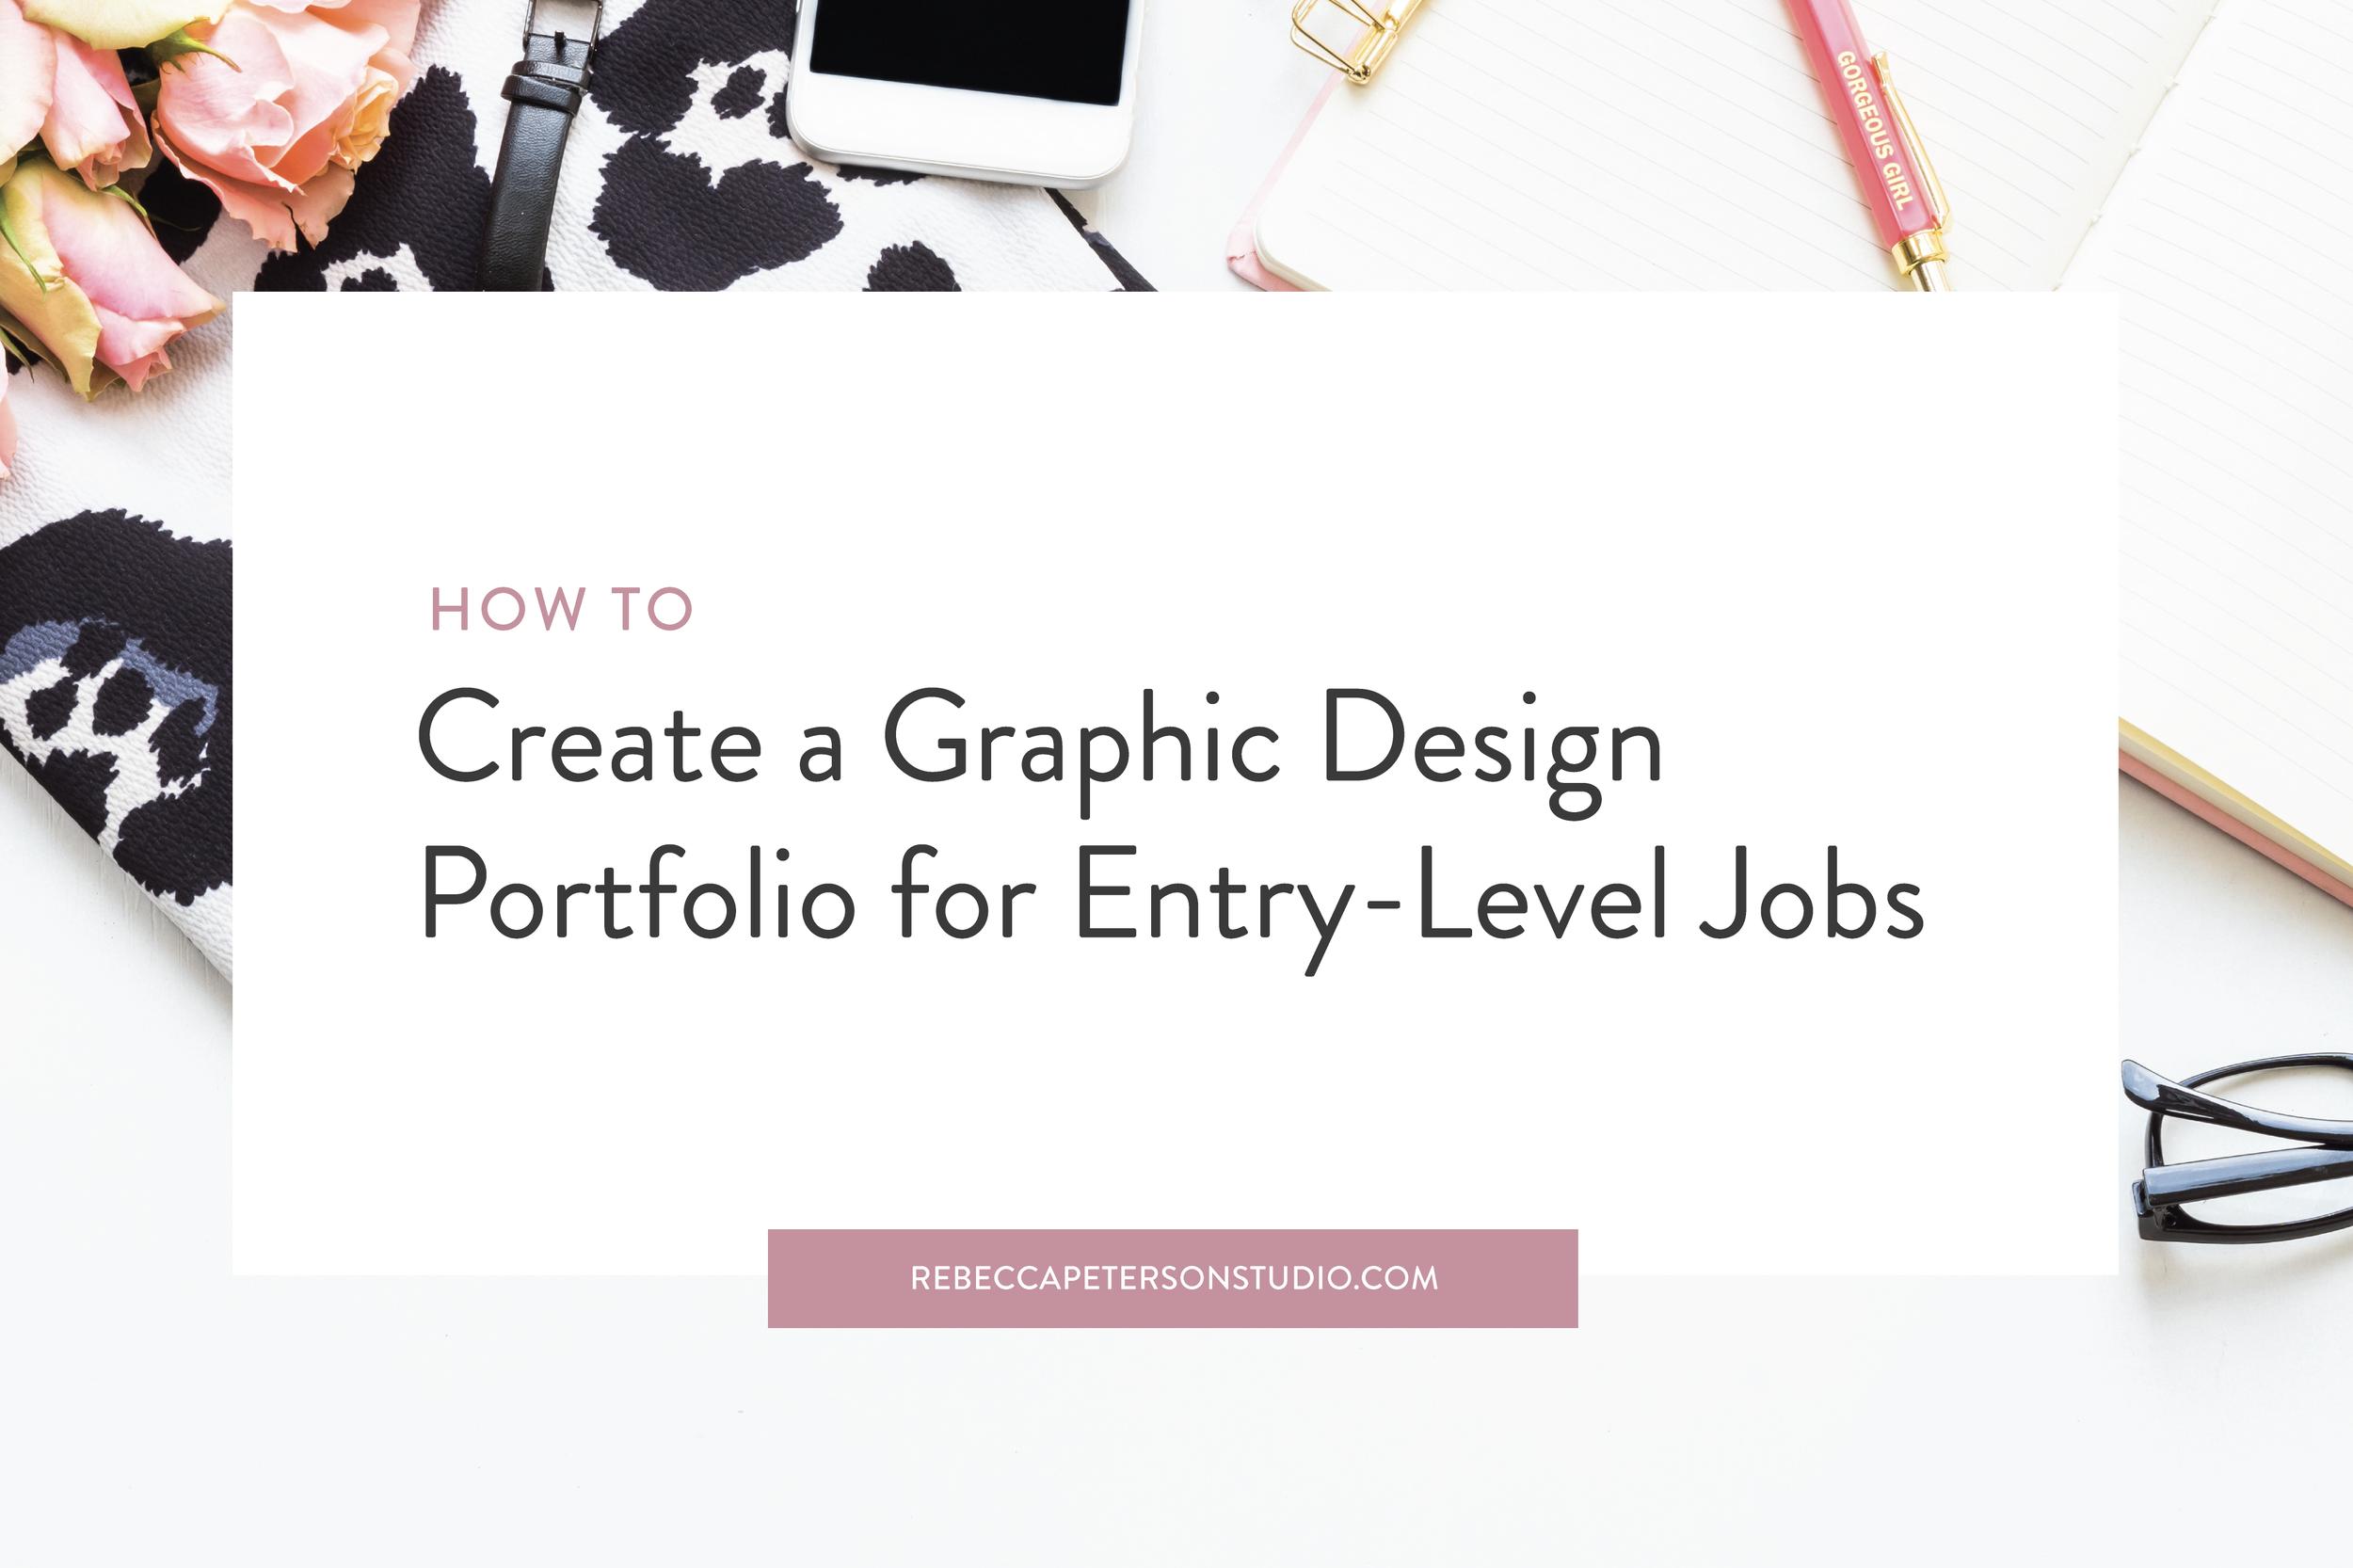 RPS_Graphic-Design-Portfolio_Blog_Images_Graphic-Design-Portfolio_Desk_Glasses.png